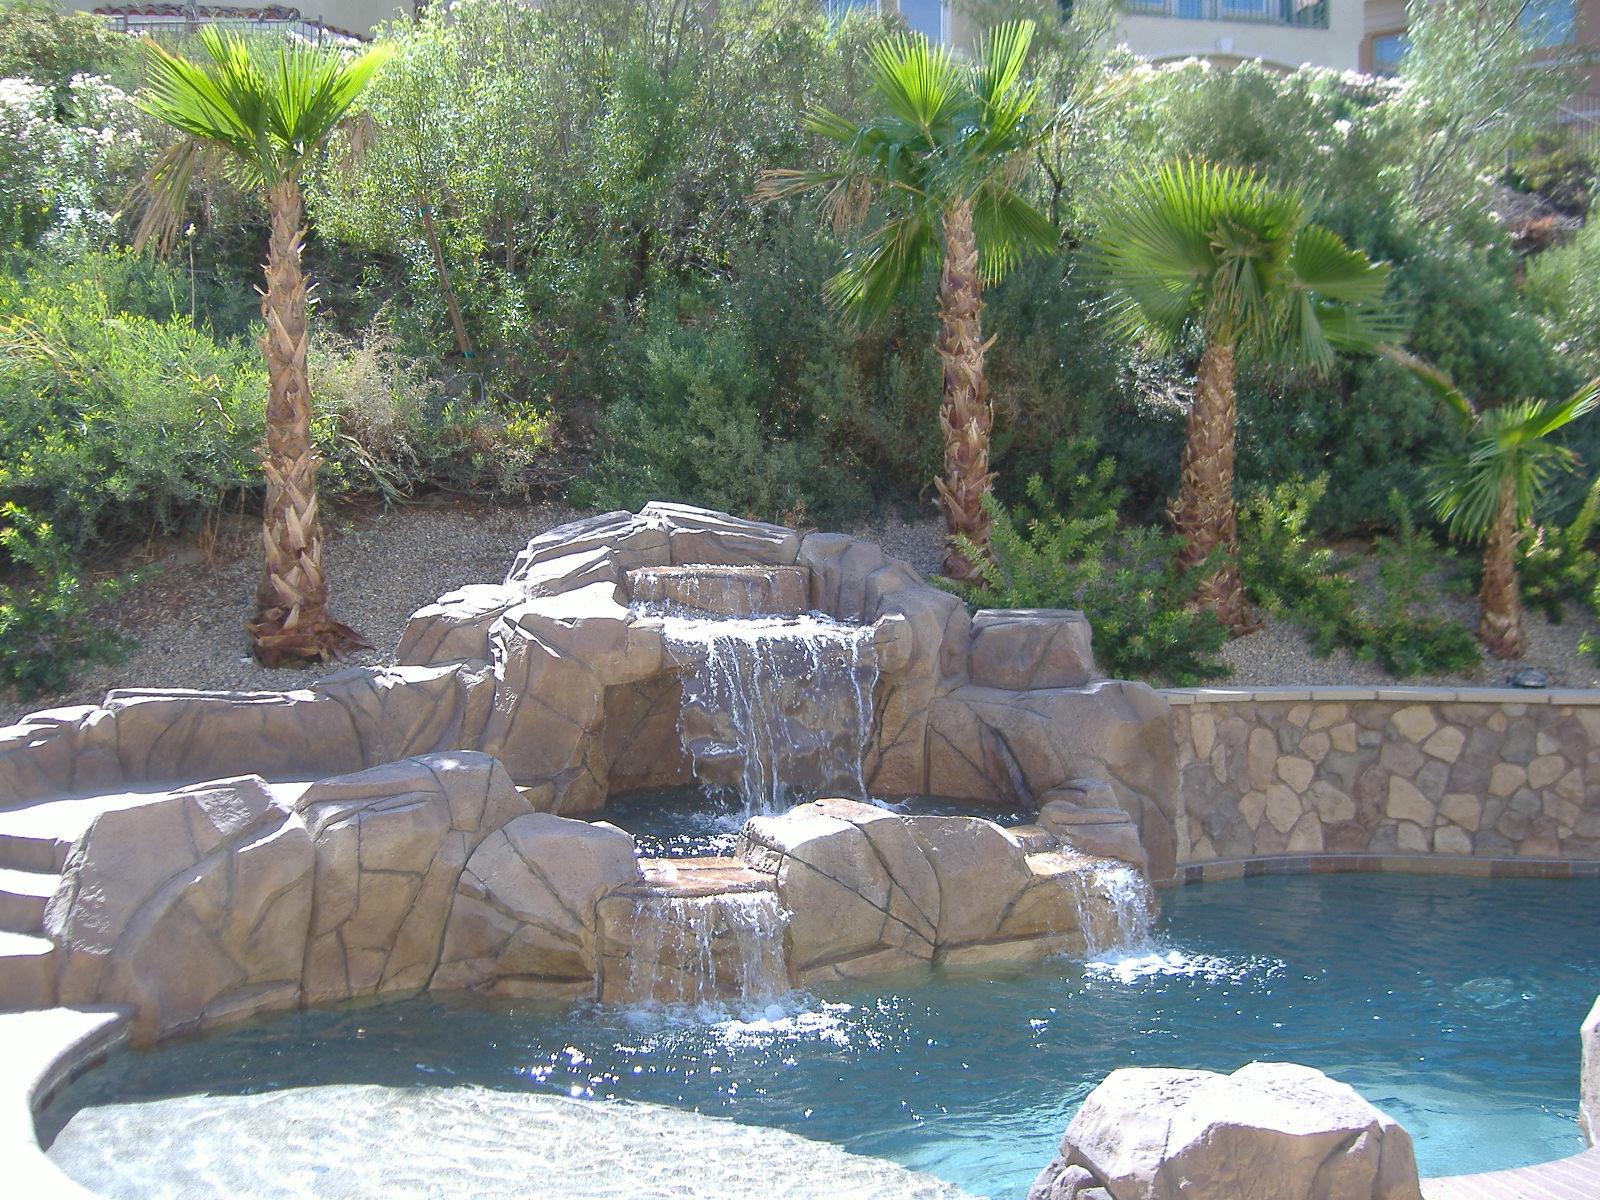 Backyard landscaping ideas in Las Vegas on Back Patio Landscape Ideas id=12161